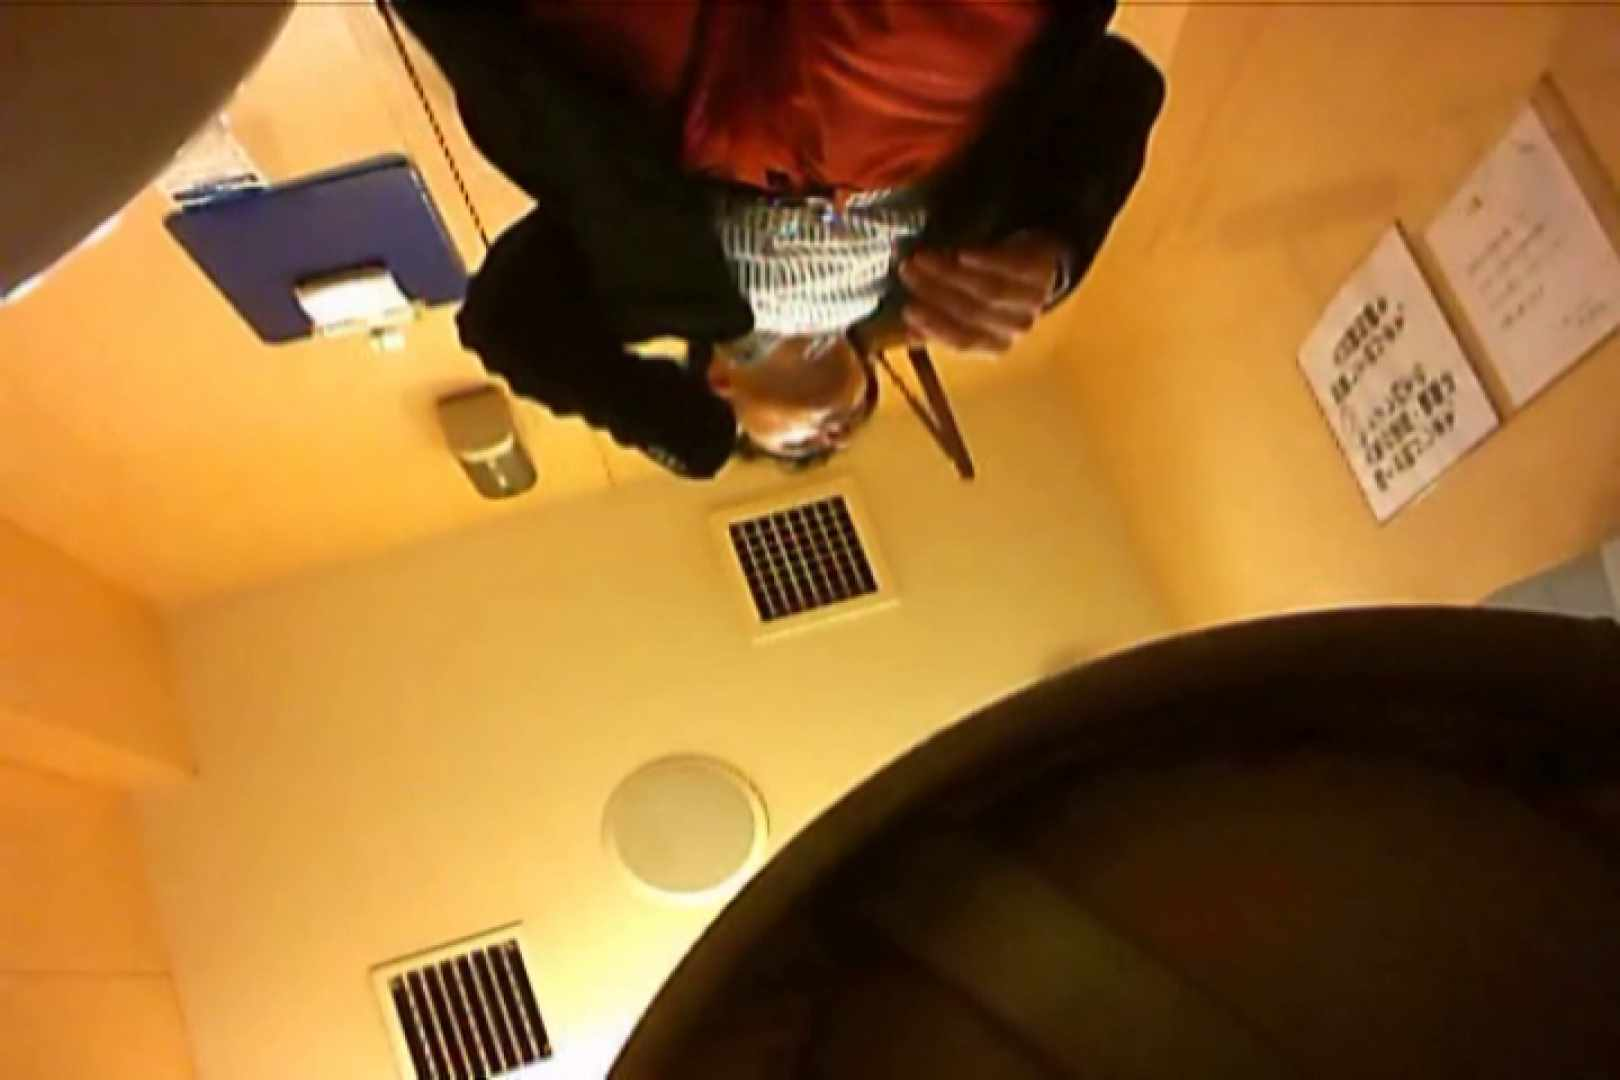 SEASON 2ND!掴み取りさんの洗面所覗き!in新幹線!VOL.04 完全無修正でお届け   ノンケボーイズ  64pic 32